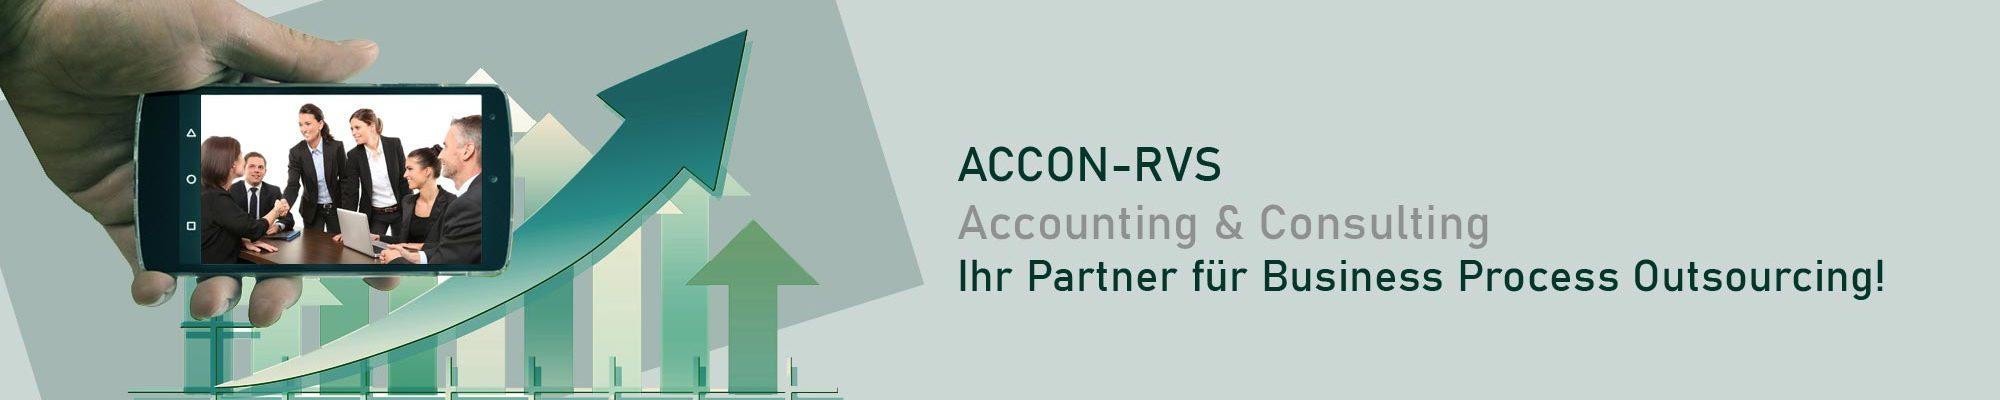 Die ACCON-RVS GmbH ist Dienstleister für Finanzbuchhaltung, Rechnungswesen, Lohnabrechnung, Gehaltsabrechnung ...